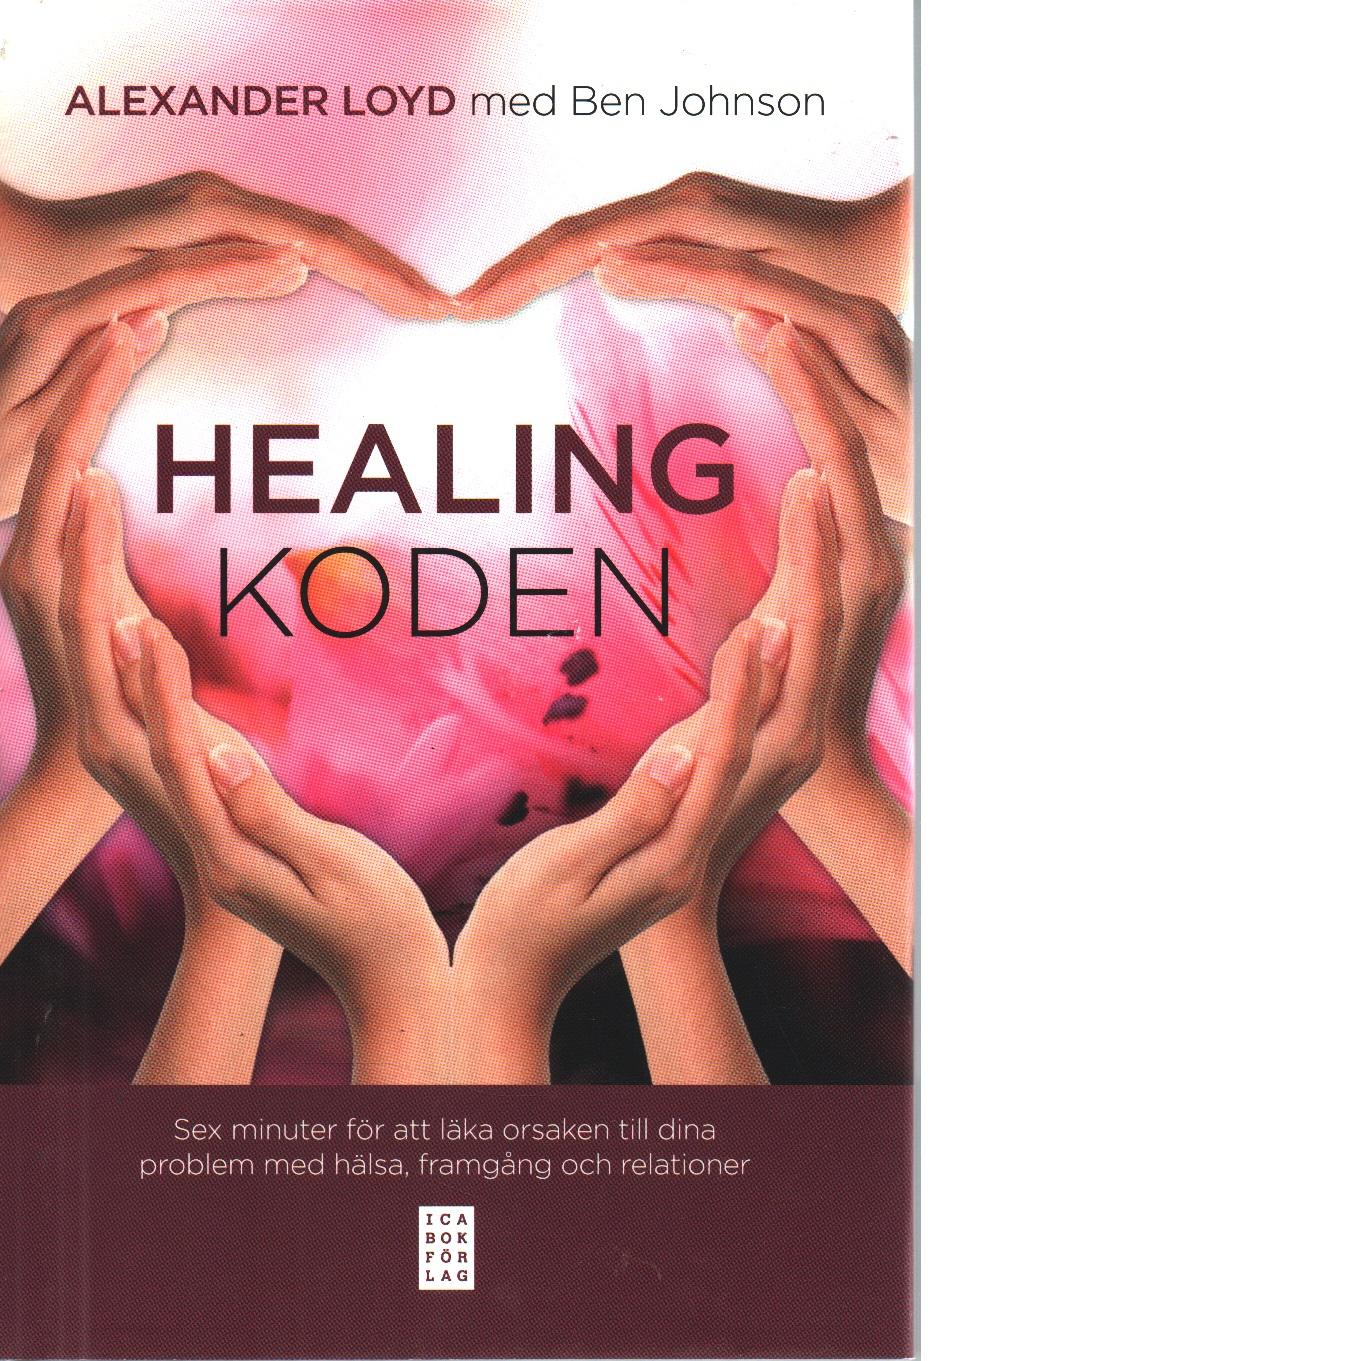 Healingkoden : sex minuter för att läka orsaken till dina problem med hälsa, framgång och relationer - Loyd, Alexander och Johnson, Ben